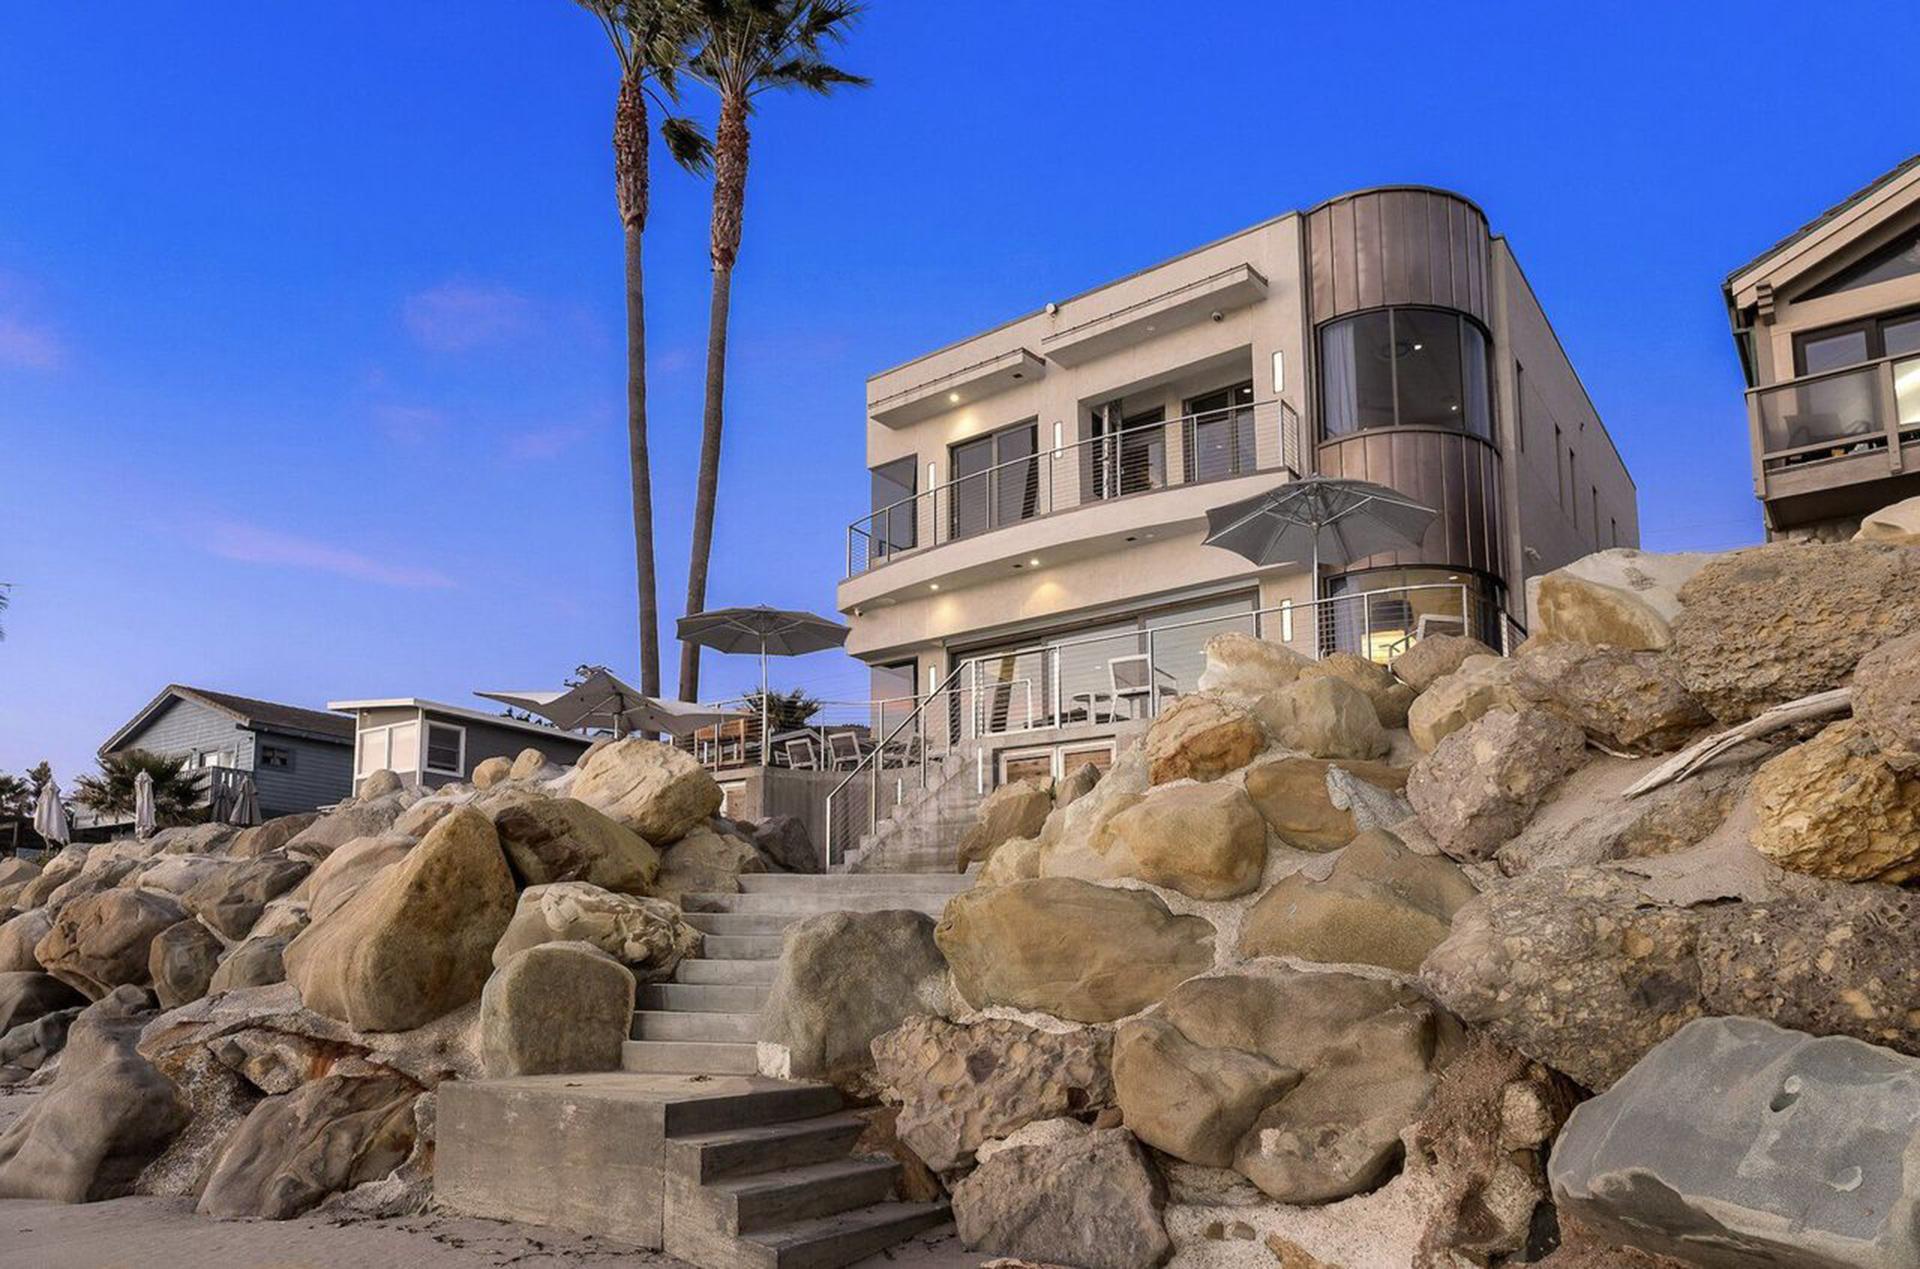 Брайан Крэнстон продает свой экологичный дом в Калифорнии